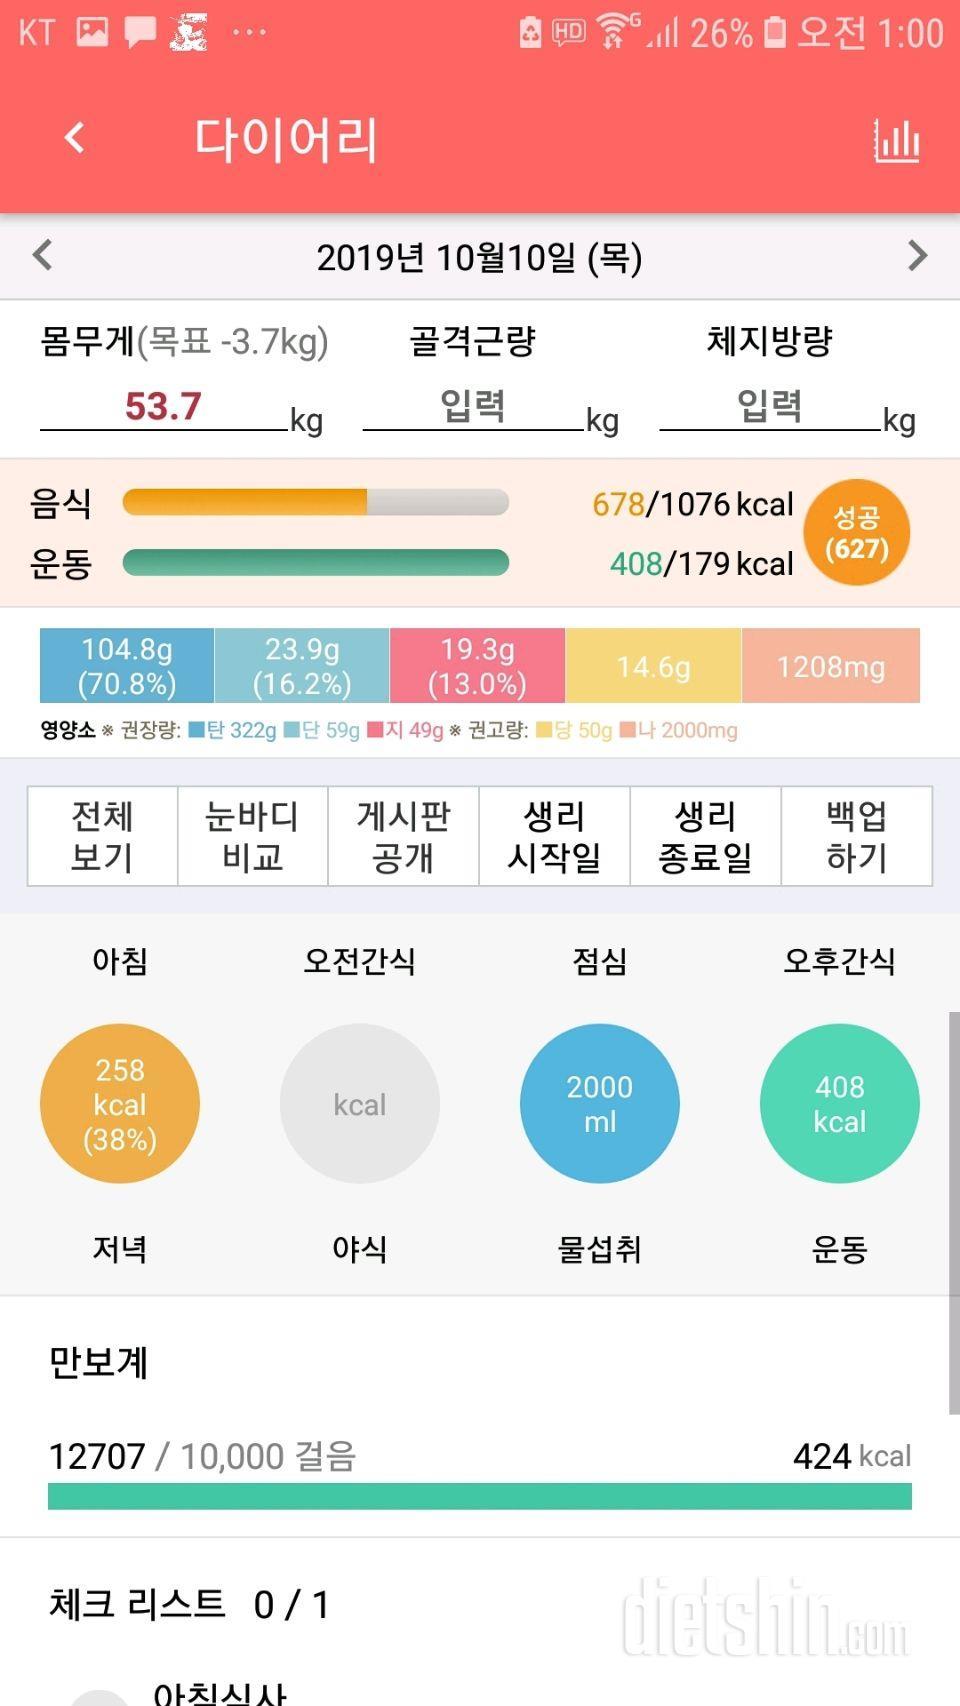 30일 만보 걷기 73일차 성공!